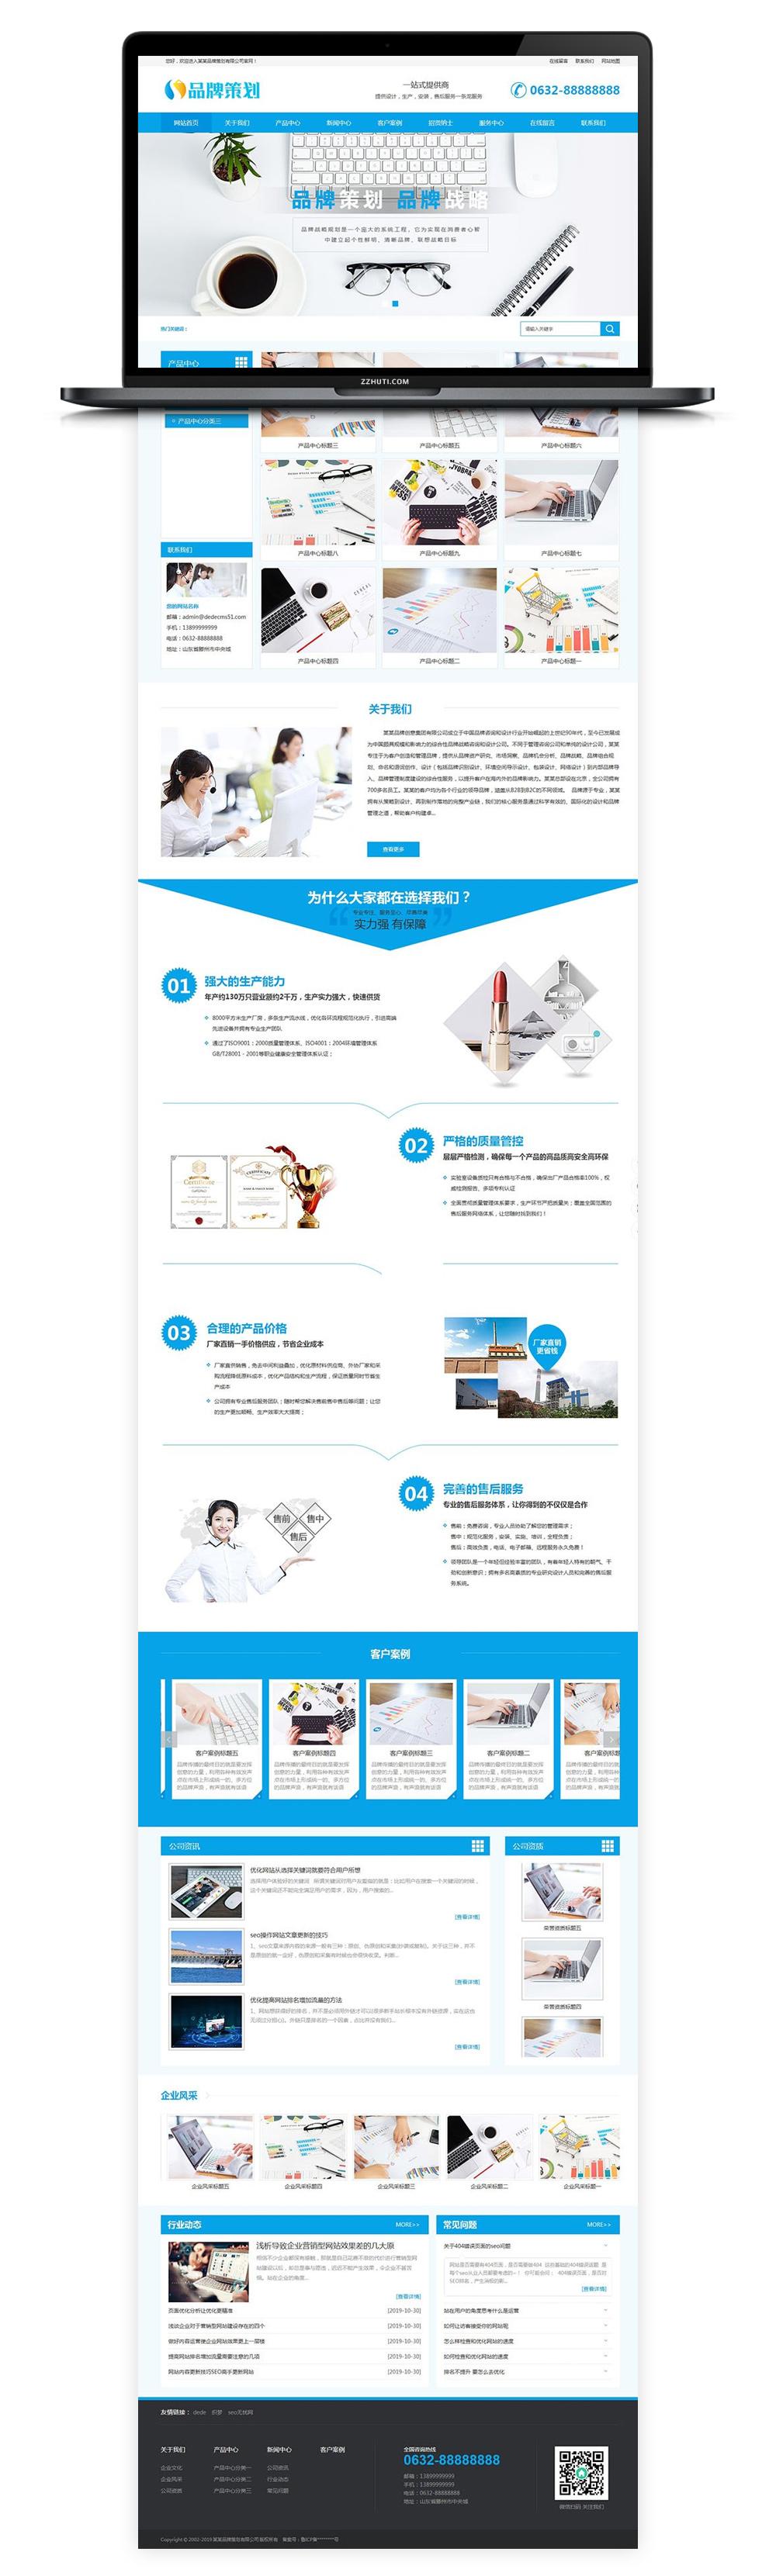 【织梦品牌设计模板】蓝色修正版线下设计策划企业通用网站DEDECMS模板自适应手机端-找主题源码